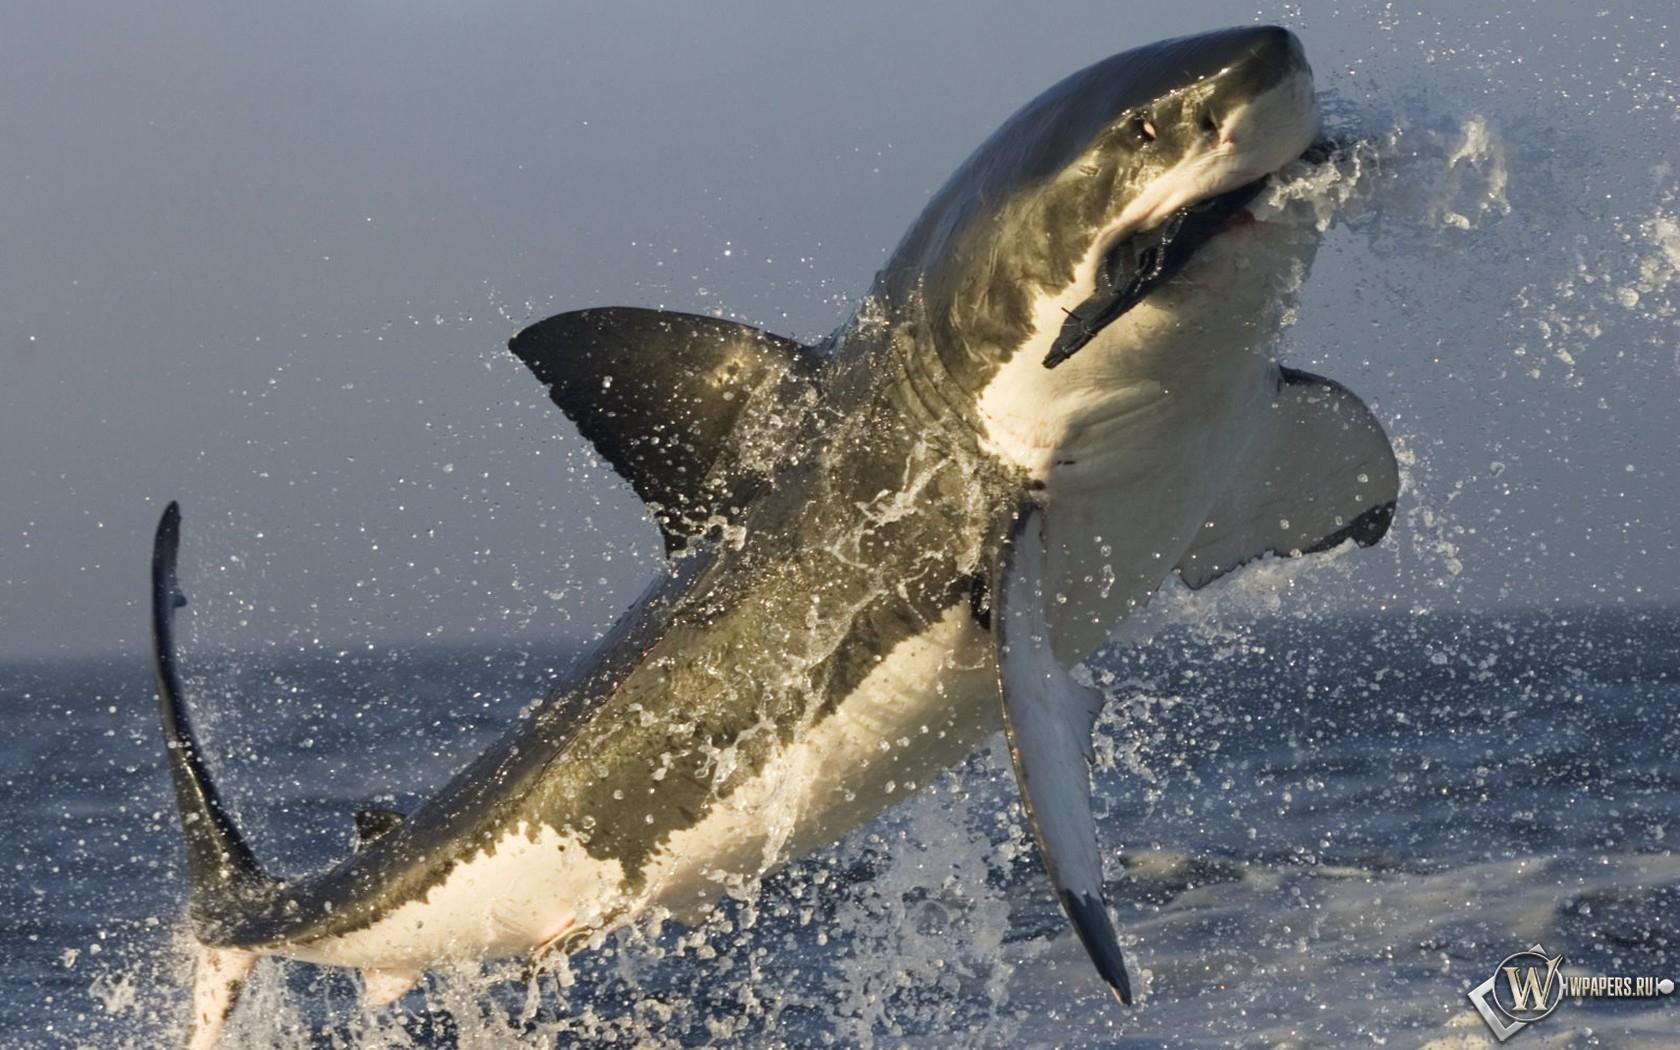 Акула в прыжке 1680x1050